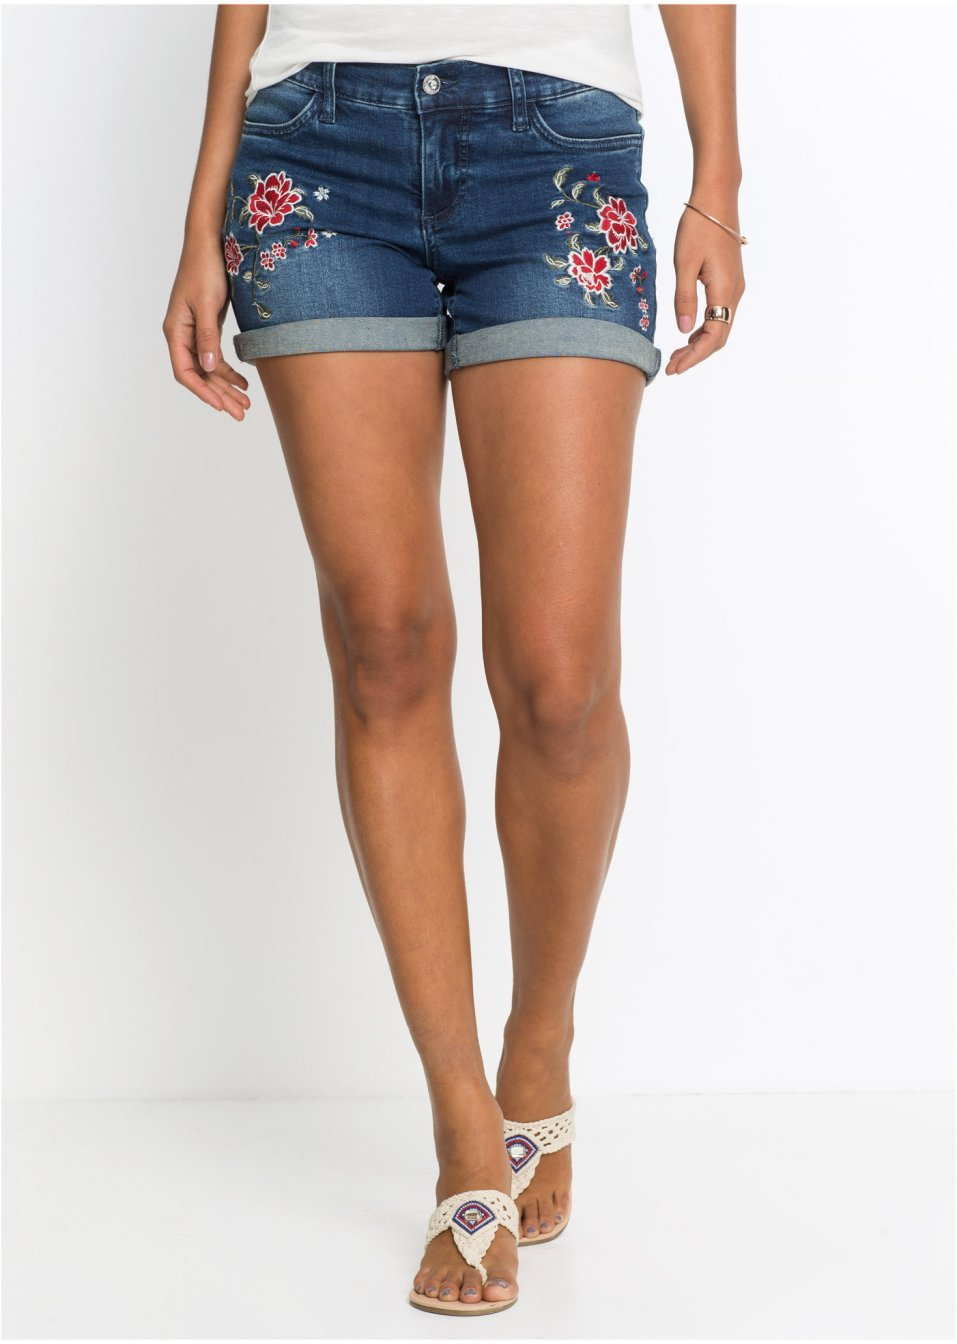 Schöne Jeans-Shorts mit Stickerei und Umschlagsaum - blue stone c403d1843c